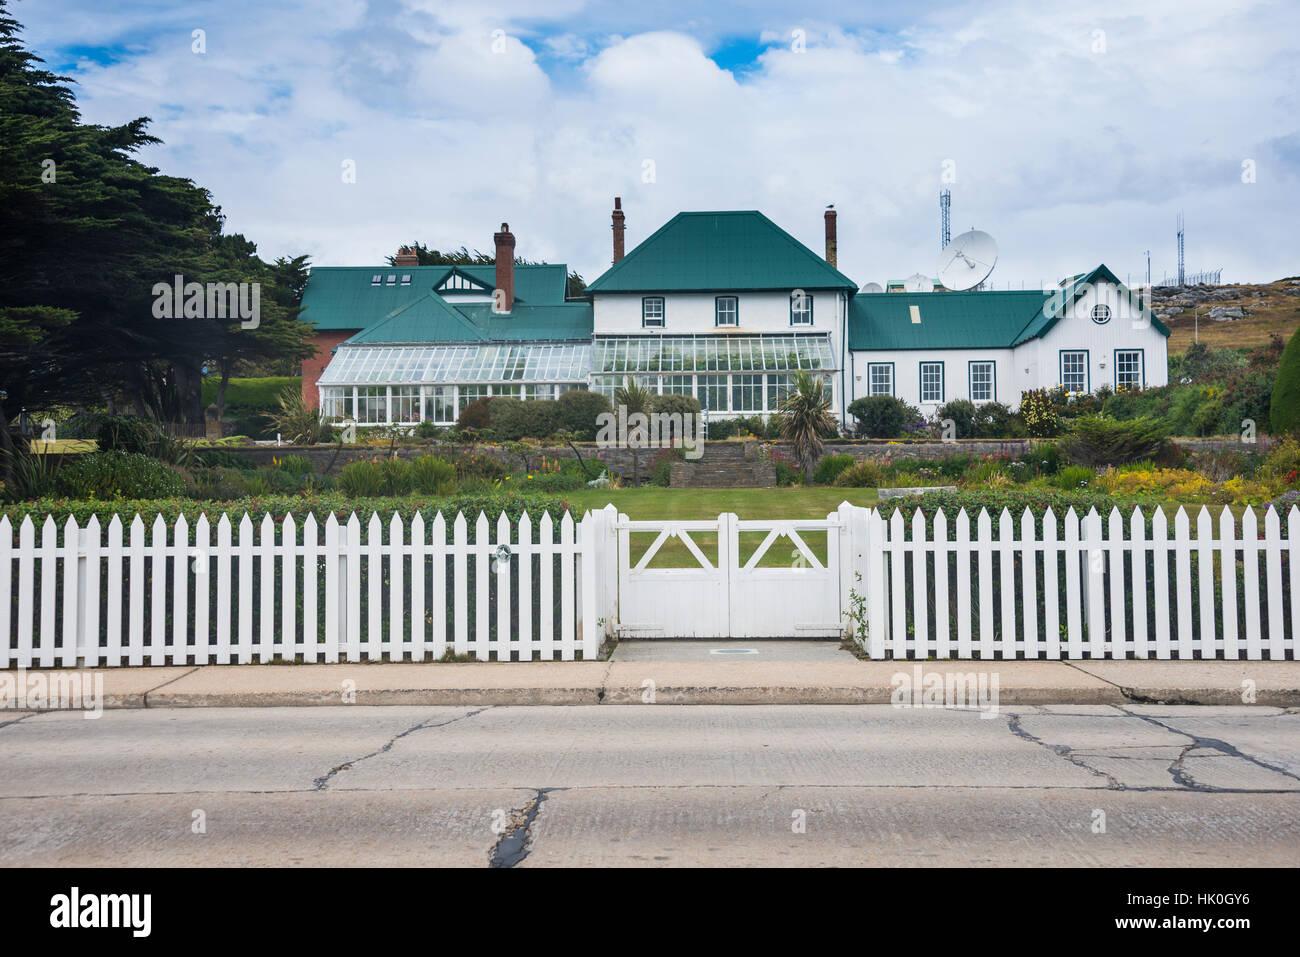 Sitz des Gouverneurs (Regierungsgebäude), Stanley, Hauptstadt der Falkland-Inseln, Südamerika Stockbild